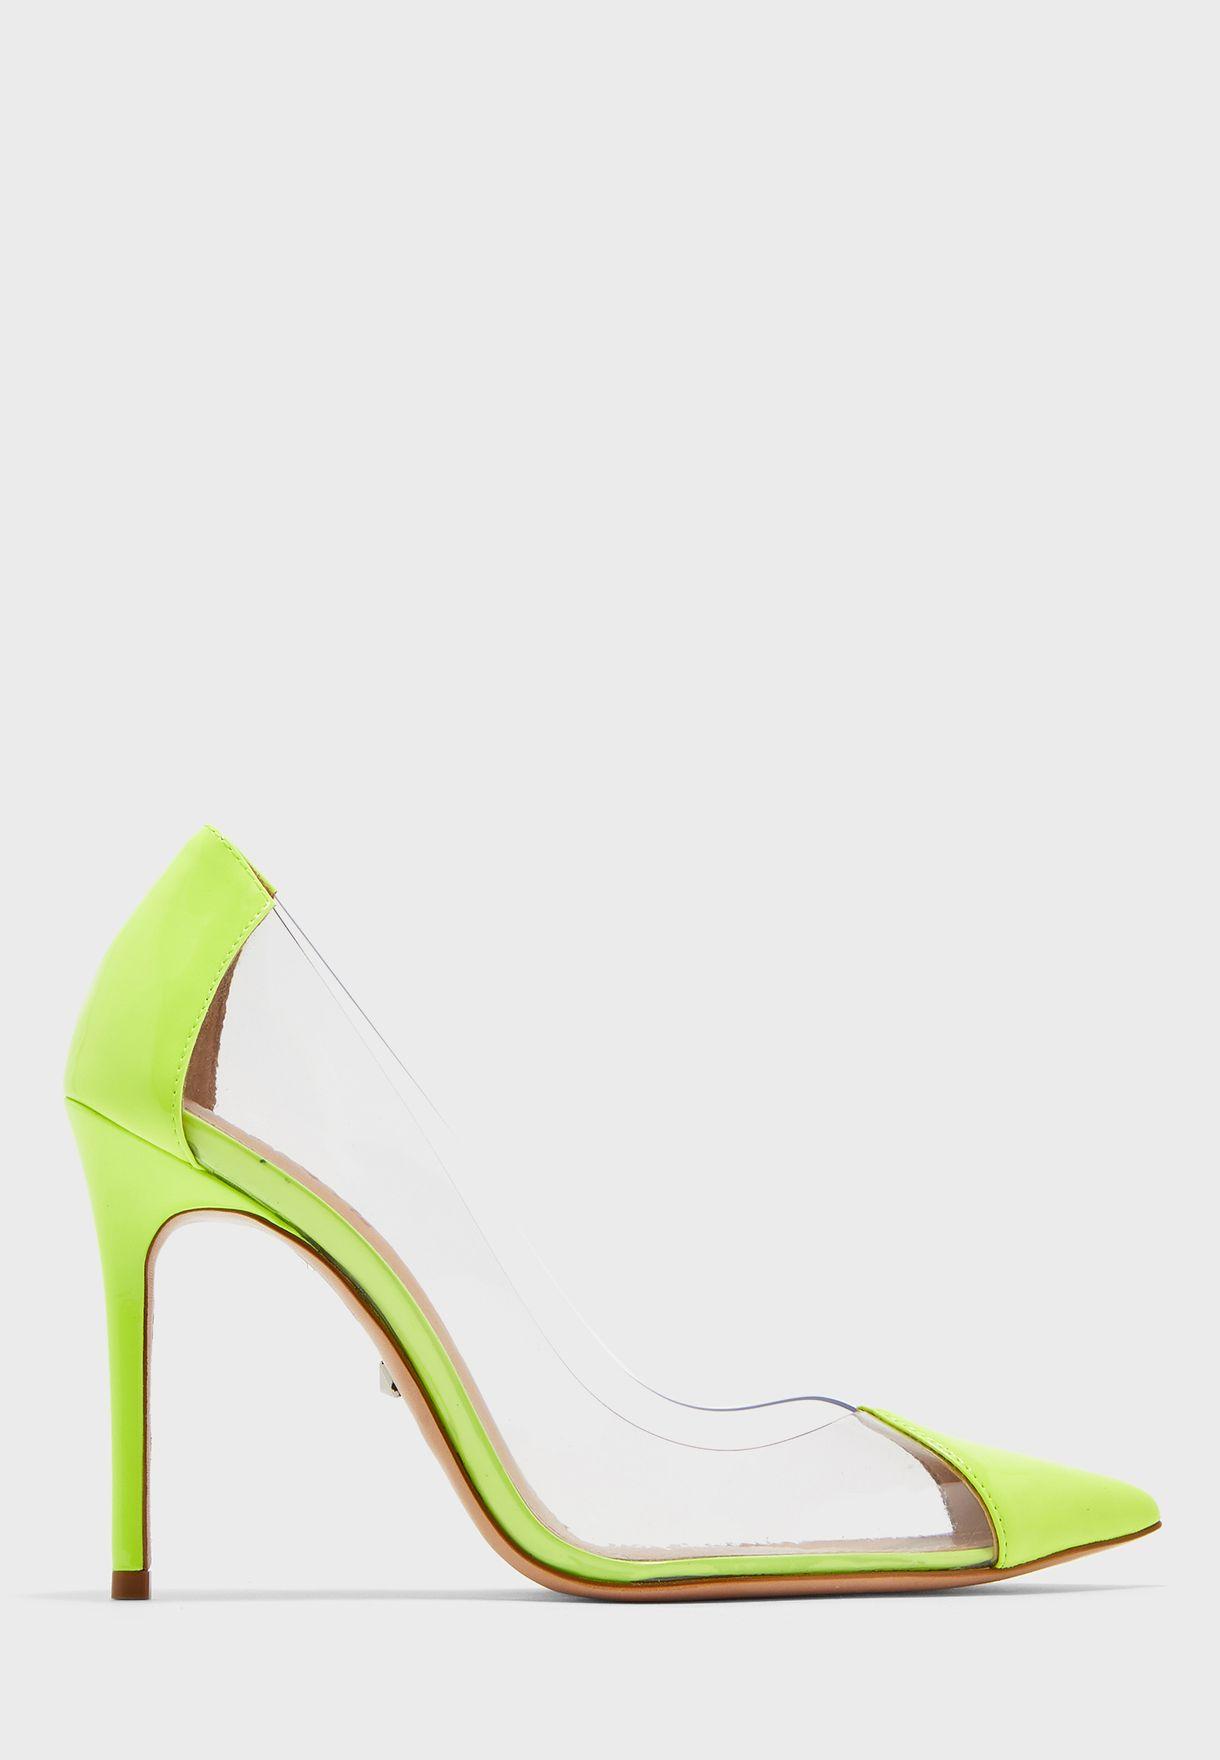 حذاء شفاف بمقدمة مدببة